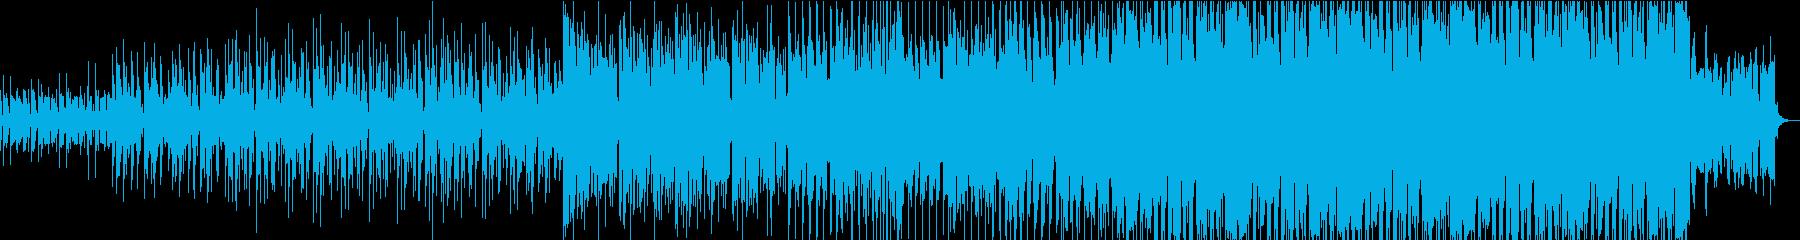 電子音のエレクトロハウスの再生済みの波形